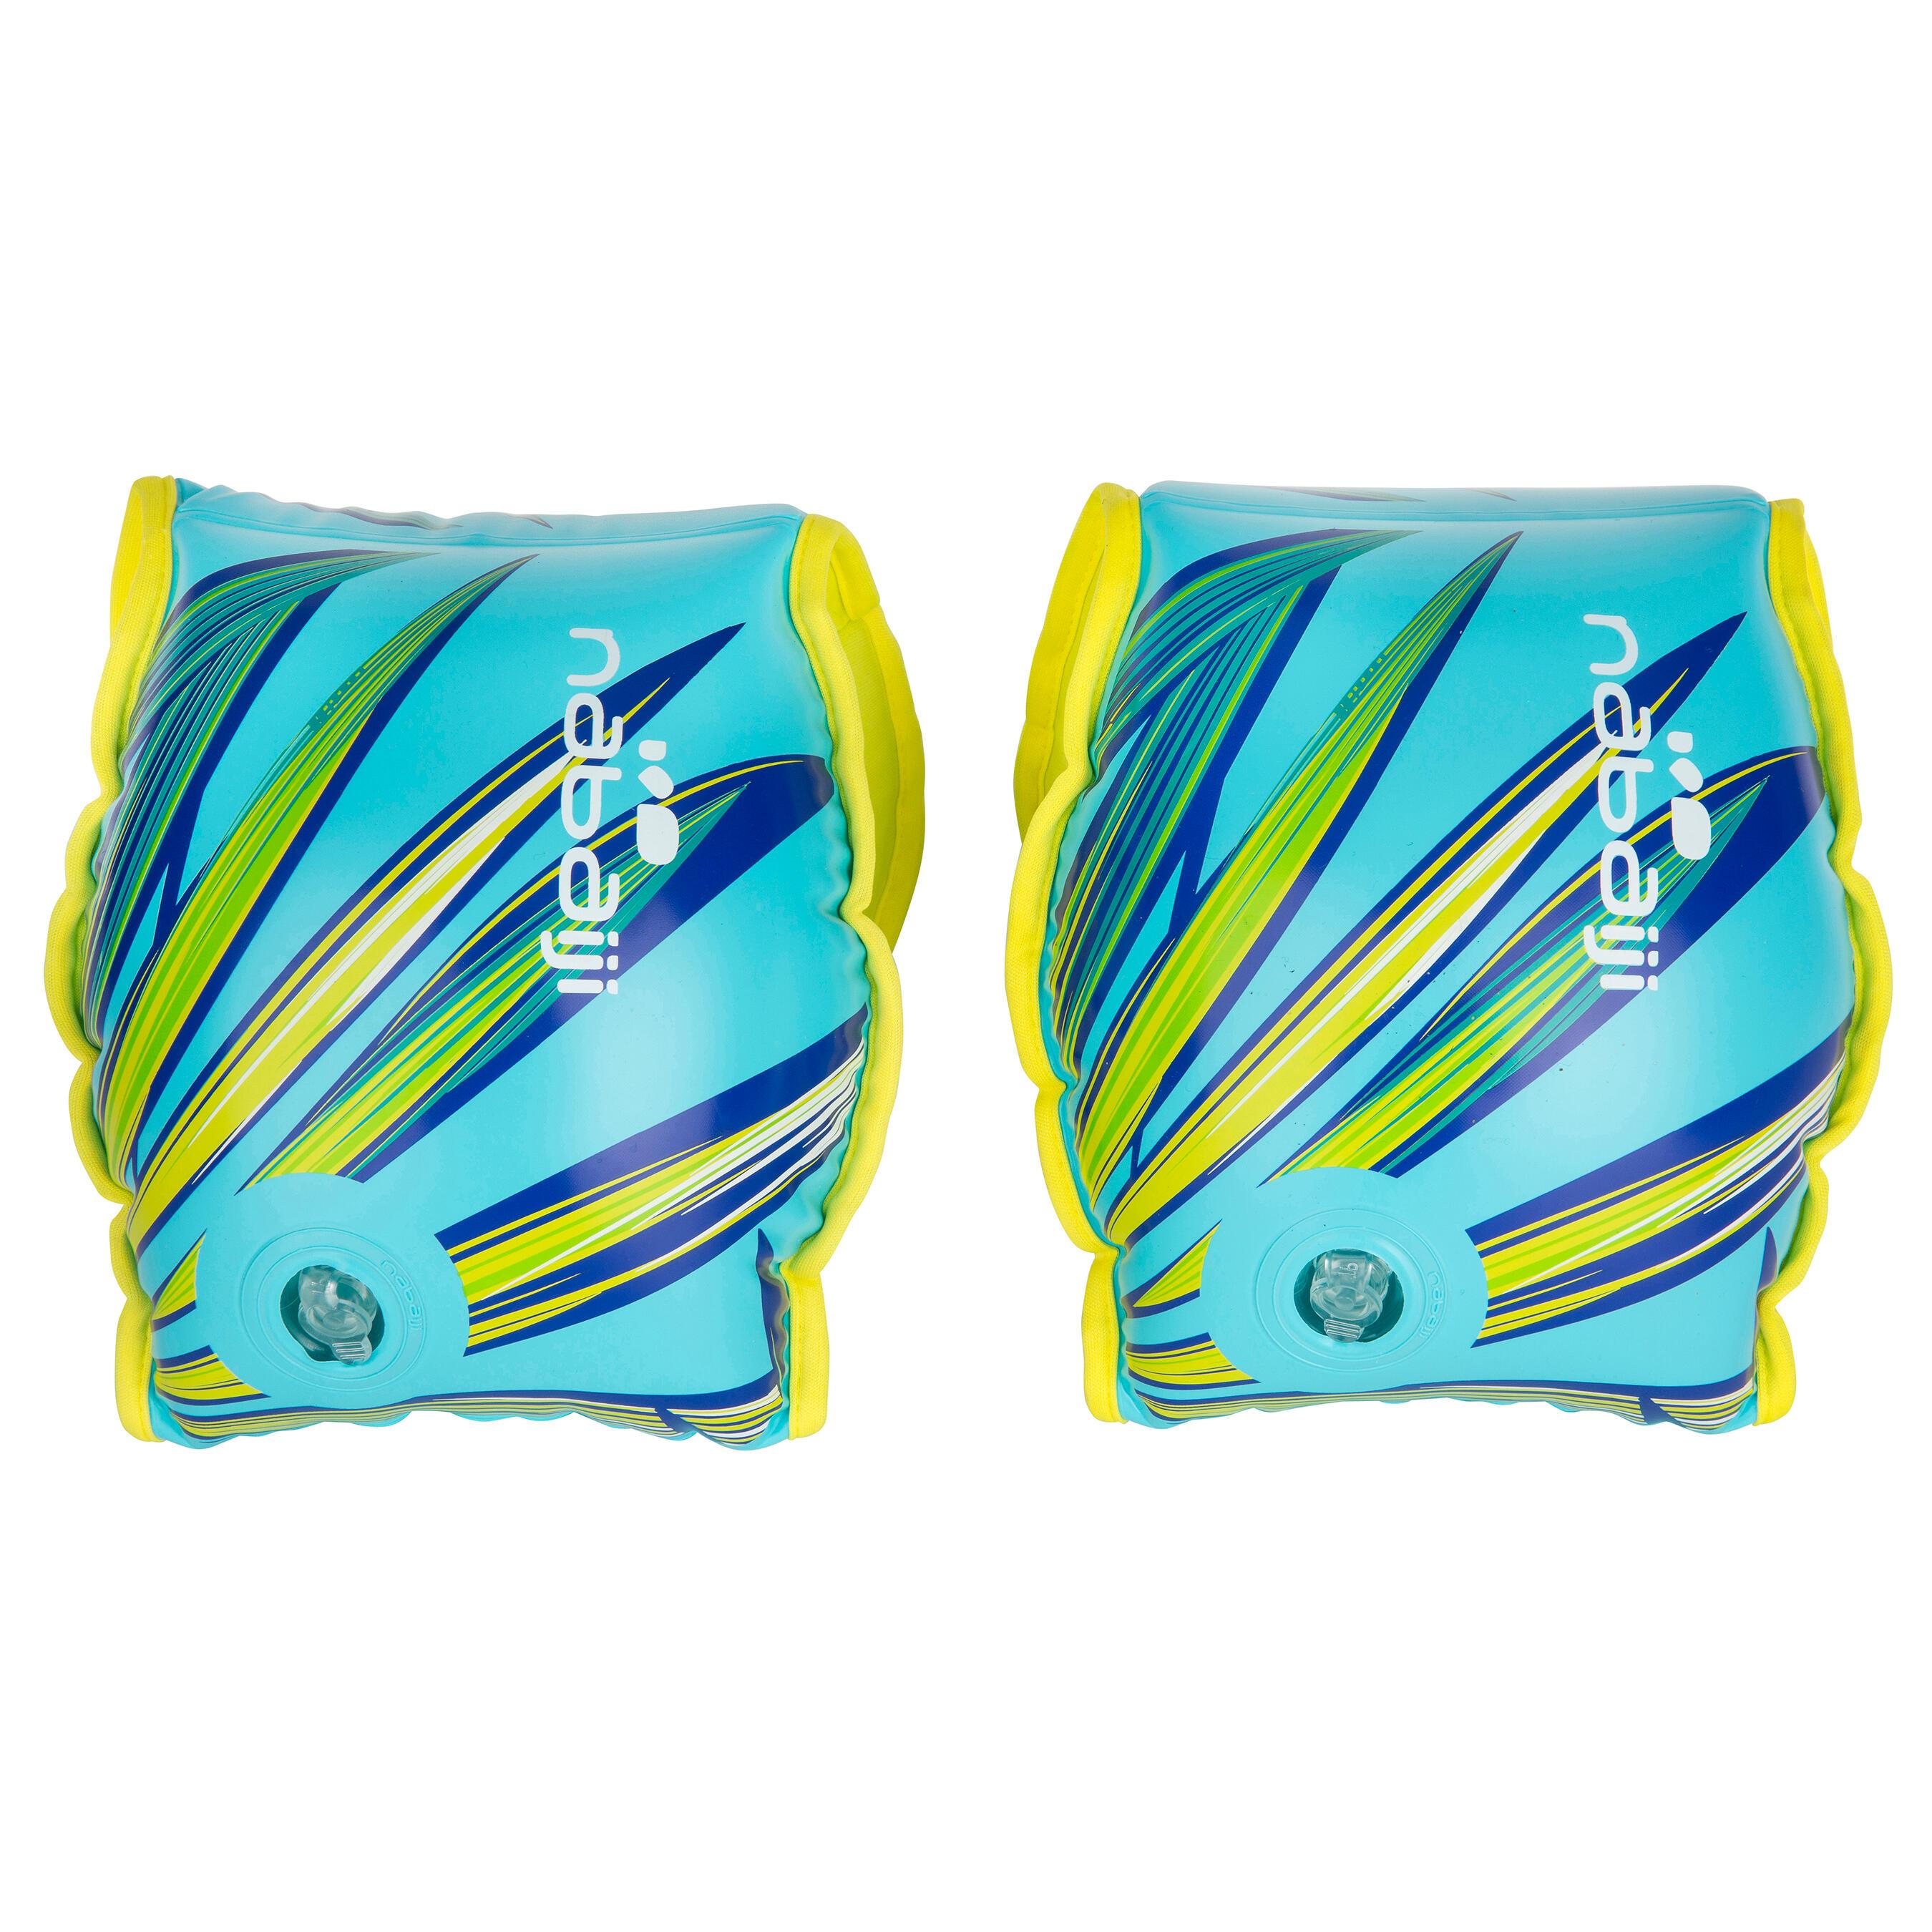 Flotadores Soft azul con dos cámaras de inflado para adultos > a 60 kg